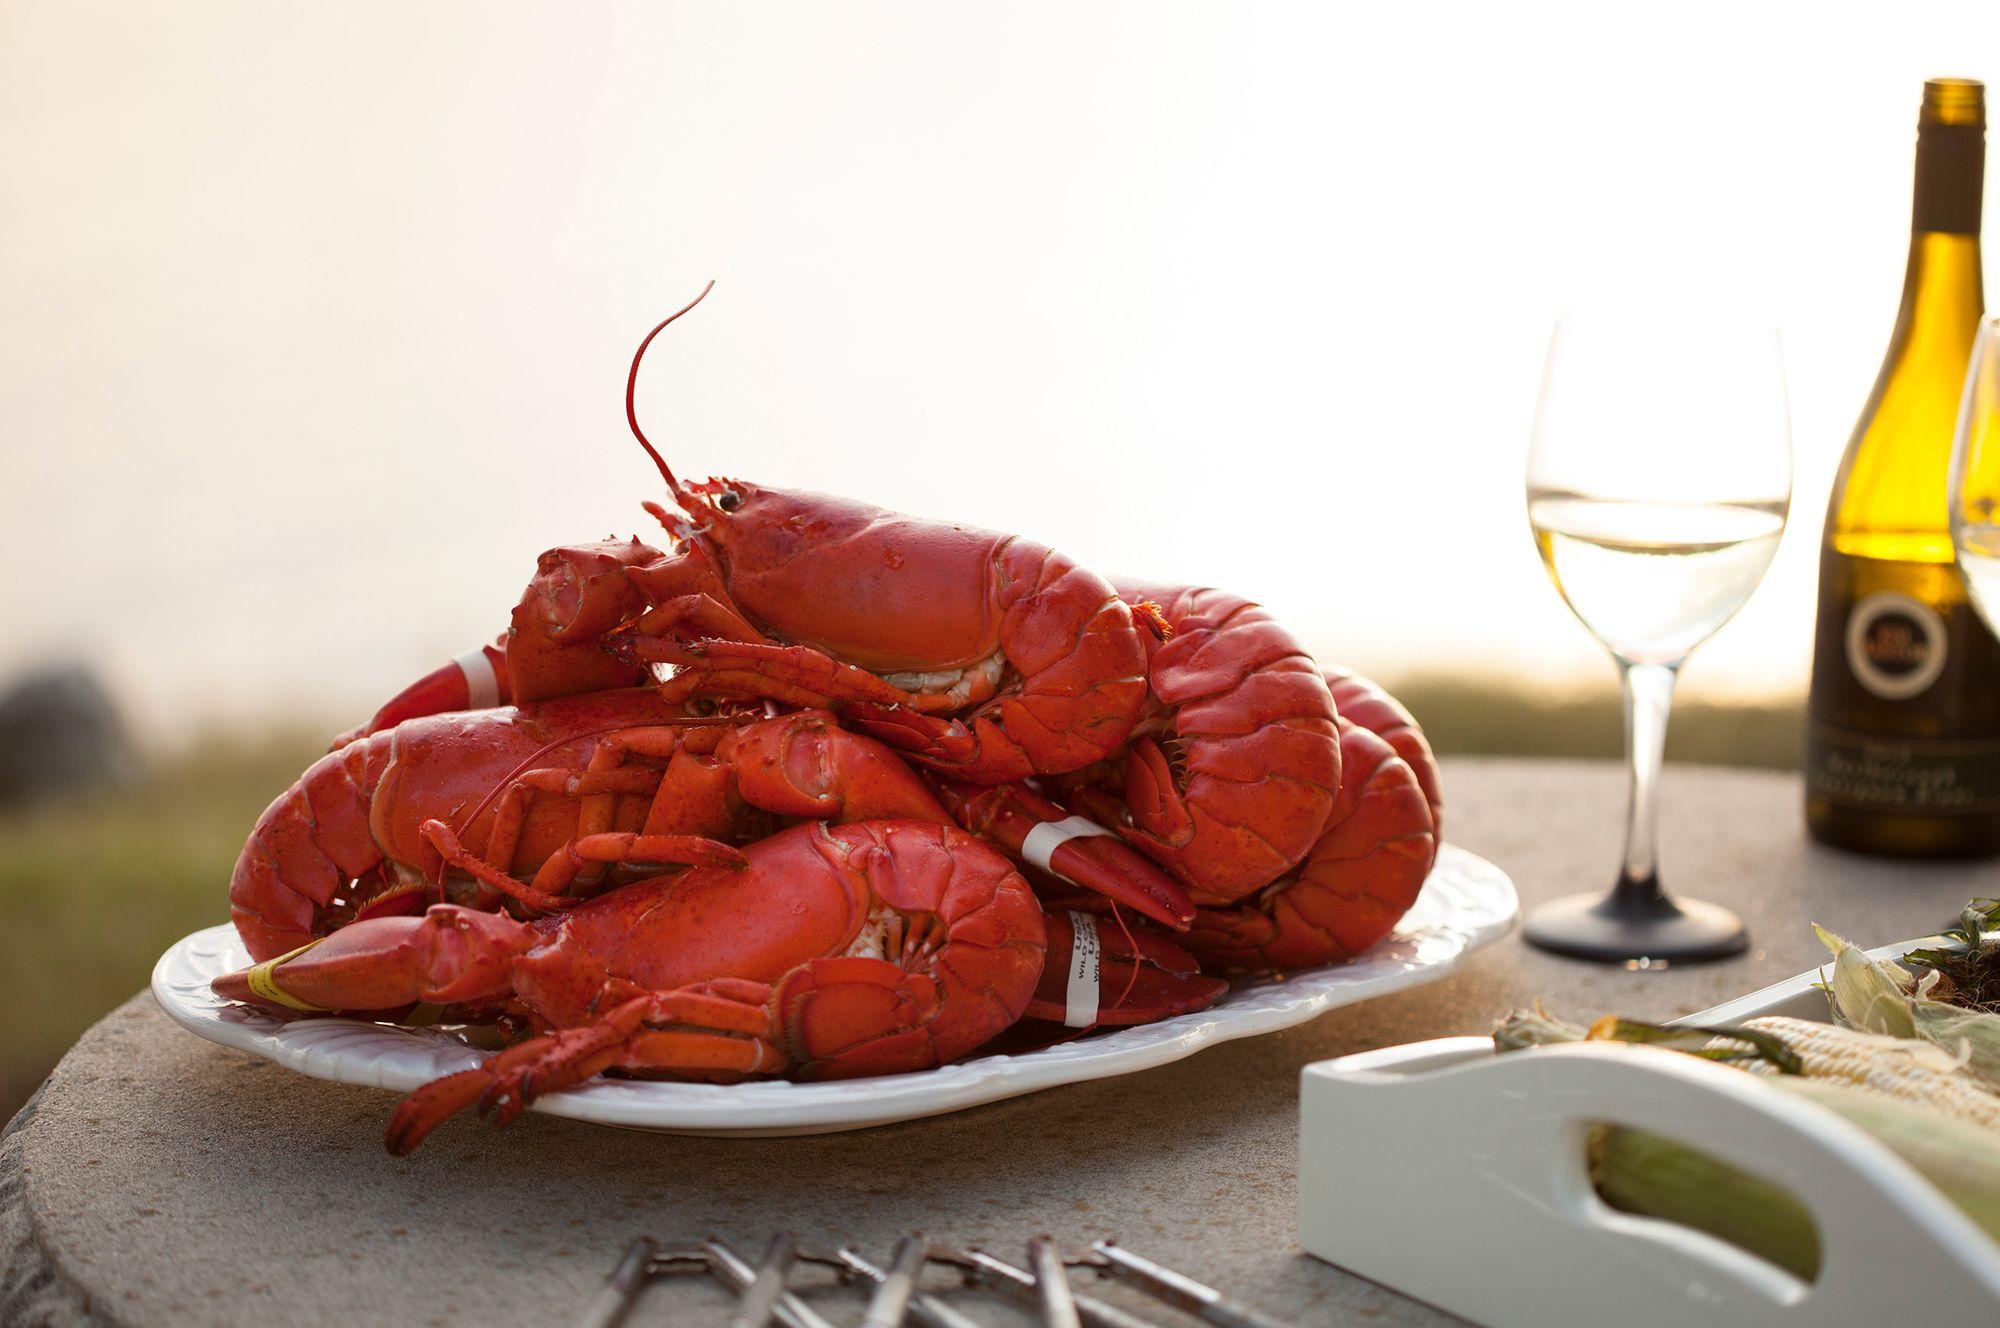 Lobster dinner with white wine.jpg